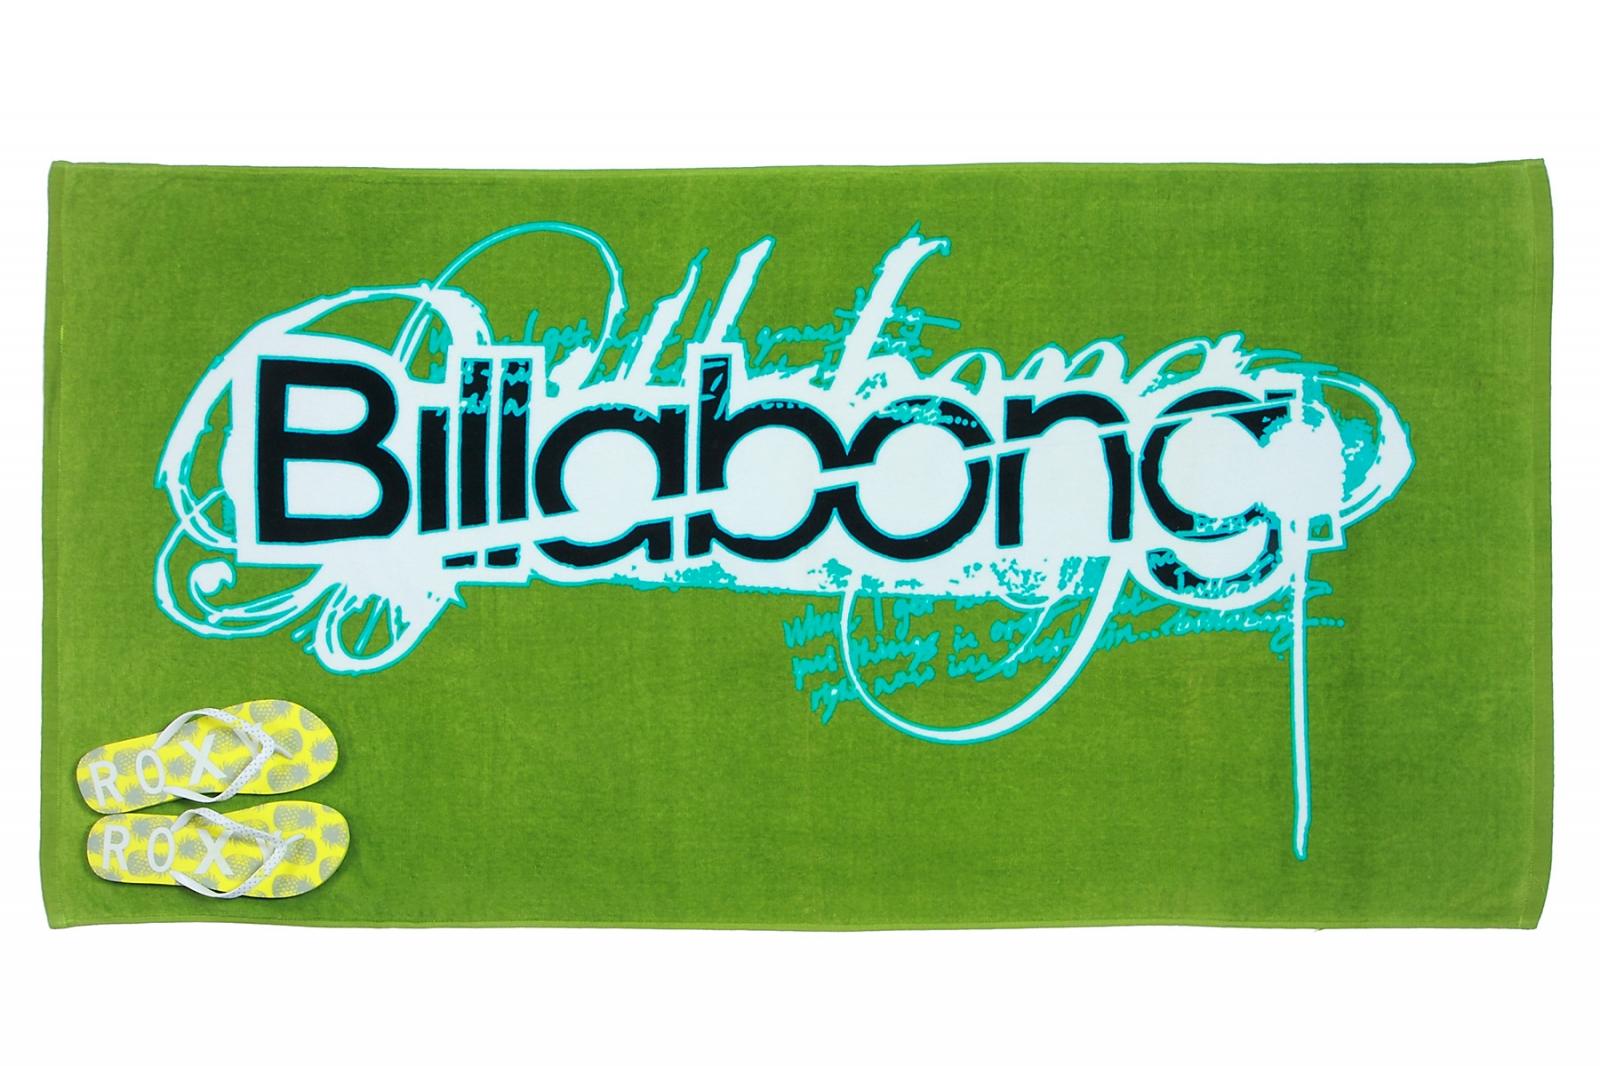 Полотенца пляжные Billabong с доставкой оптом и в розницу